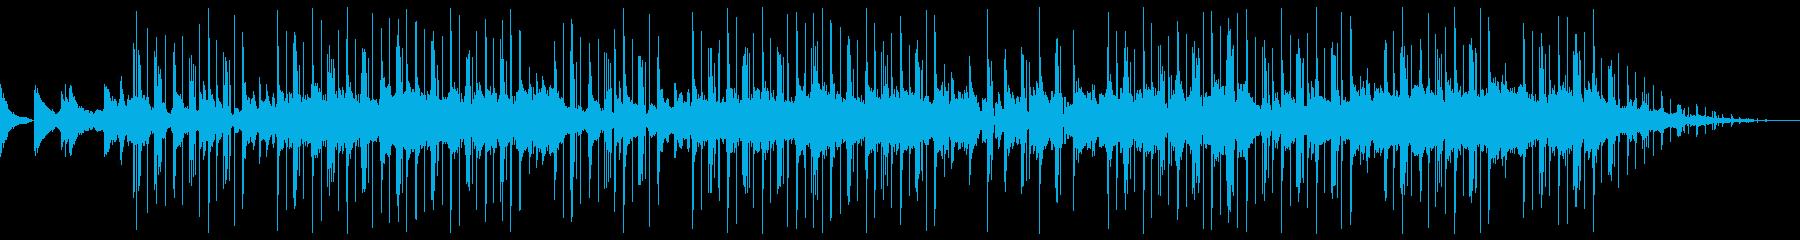 ピアノをメインにしたHiphopの再生済みの波形